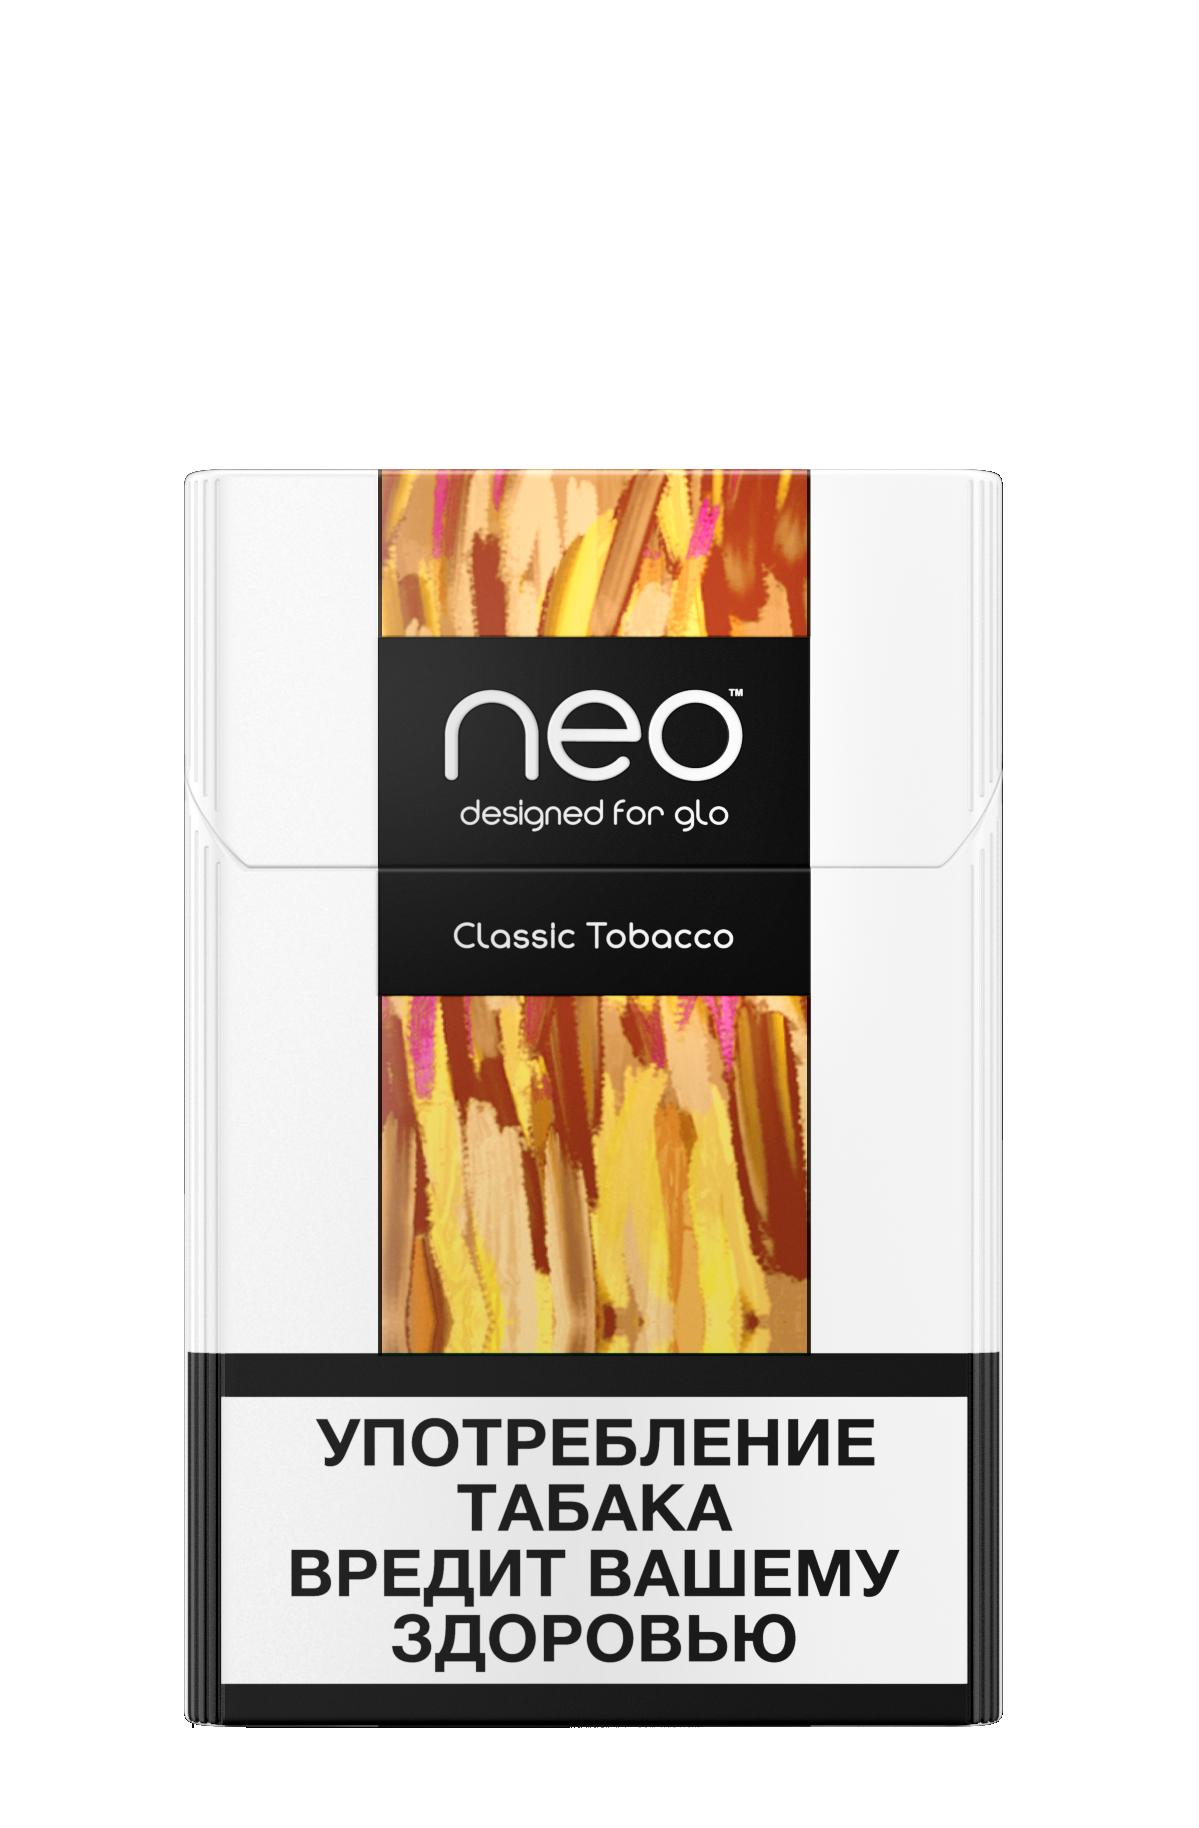 Сигареты купить новороссийск электронное сигареты в стерлитамаке купить